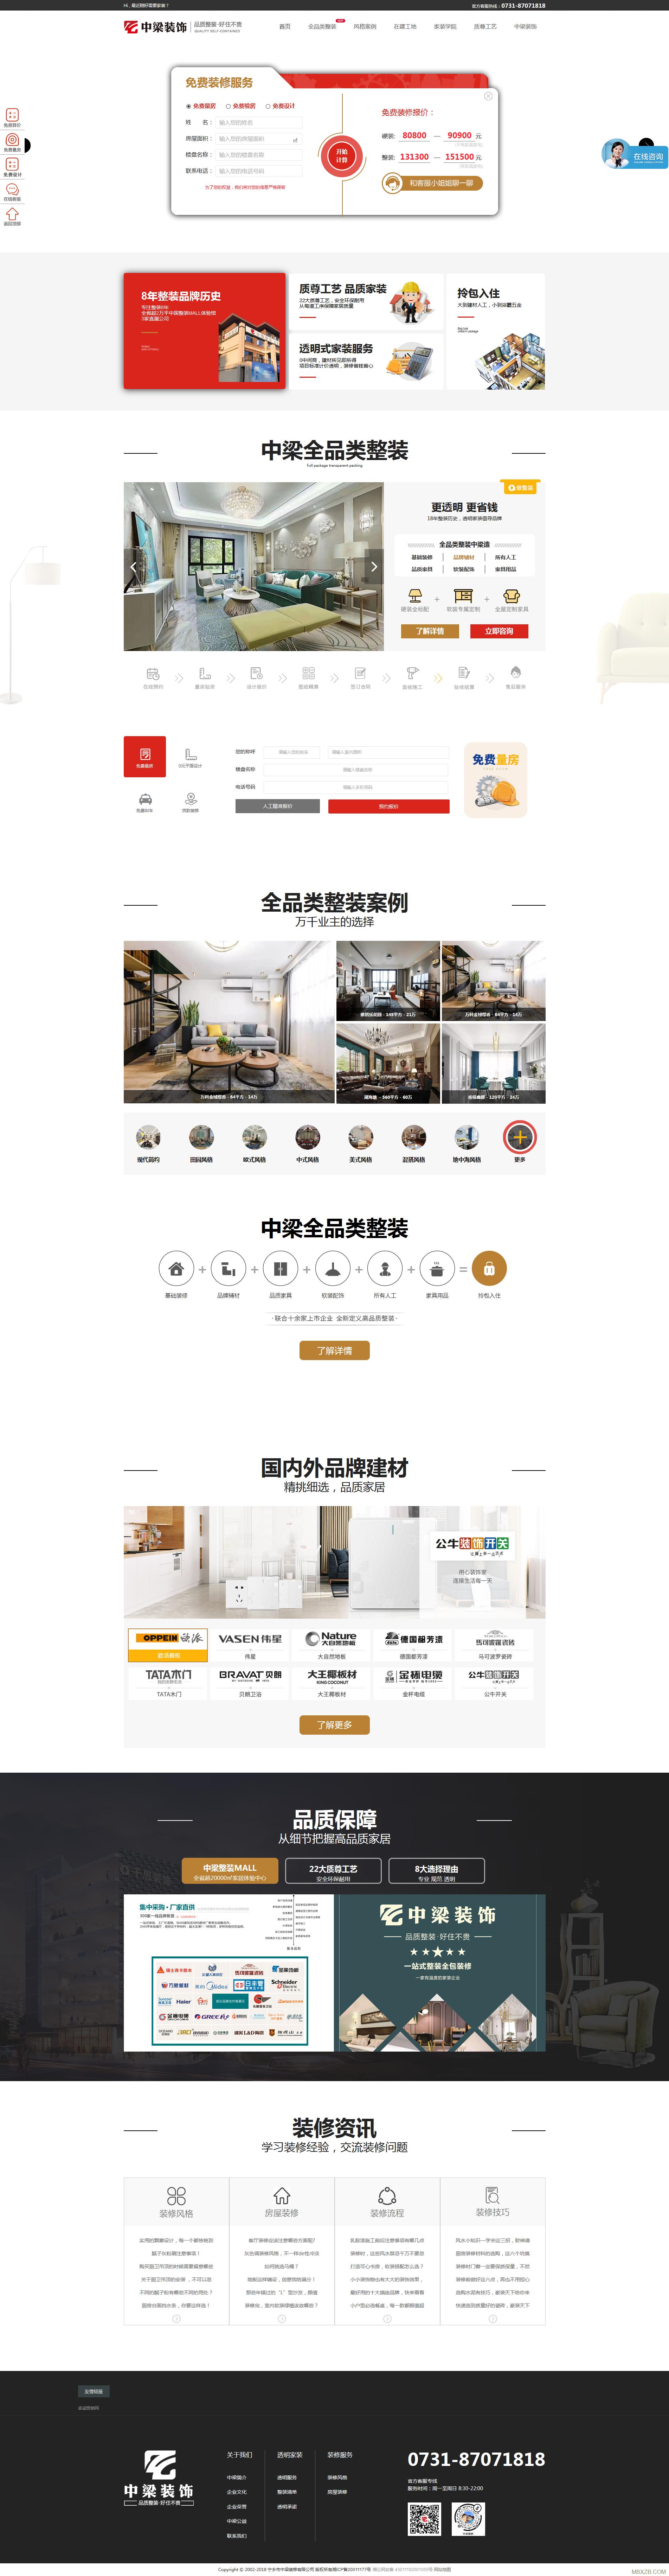 仿千思装饰网站模板|装修设计网站模板|家装公司网站源码带手机站